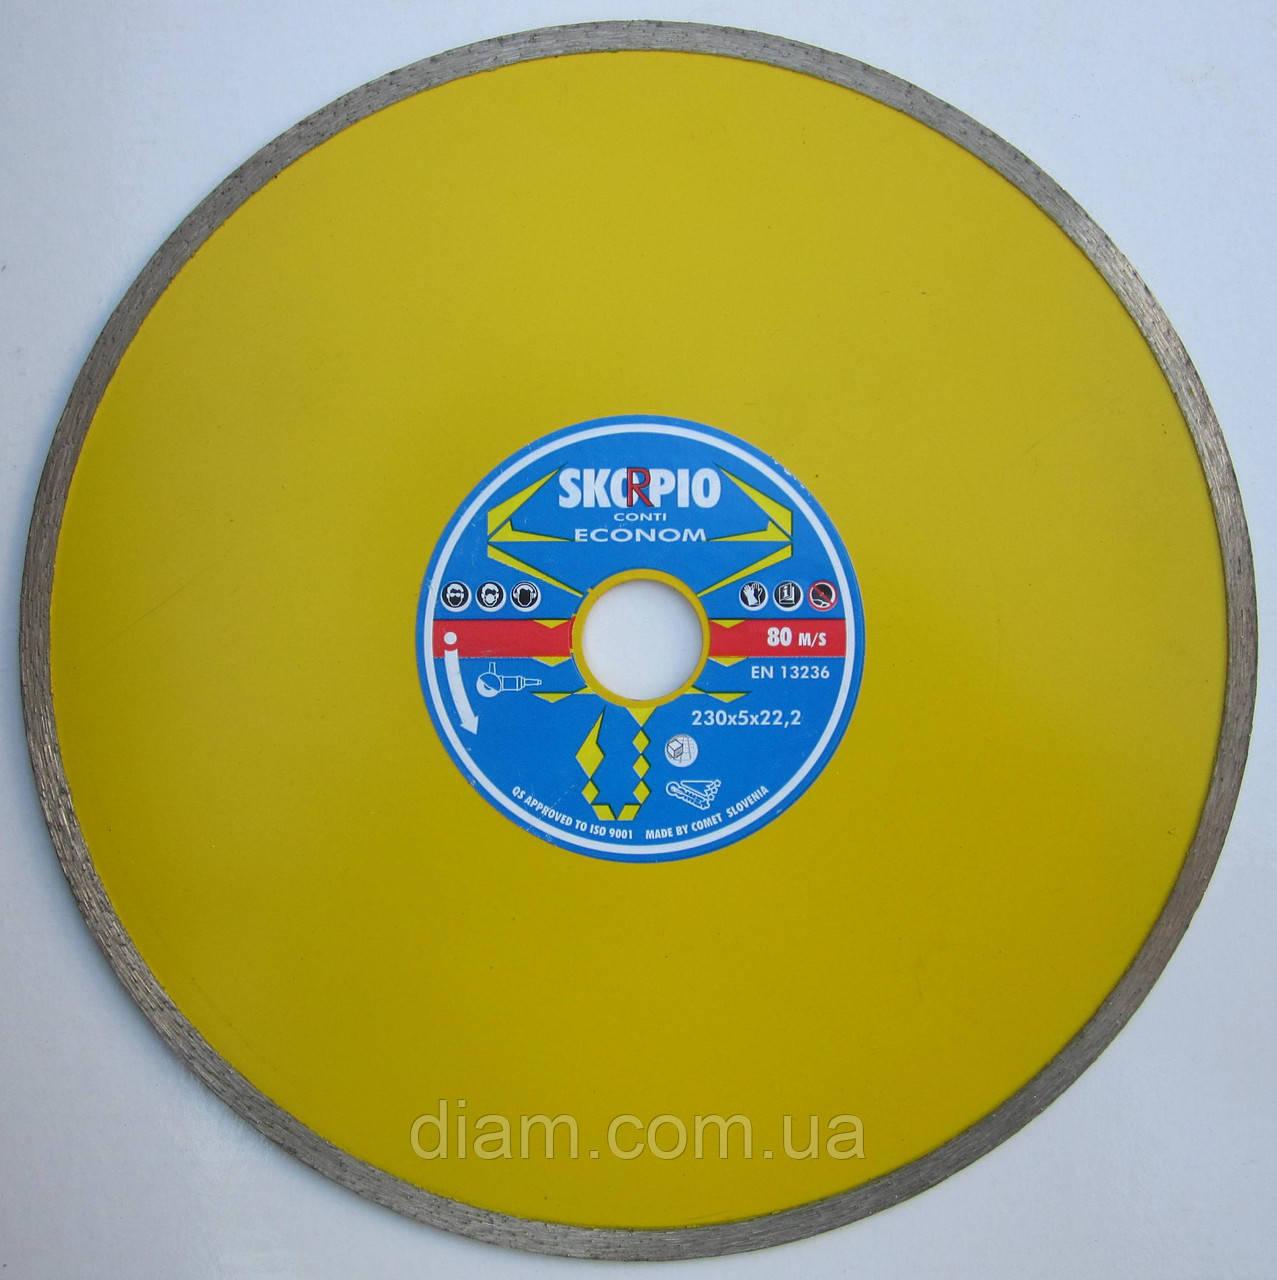 Алмазный диск, резать кварц, кварцит, керамическую плитку, мрамор чистый рез! Skorpio 230x2,5/1,7x5,5x22 22 - Интернет-магазин Diam в Харькове